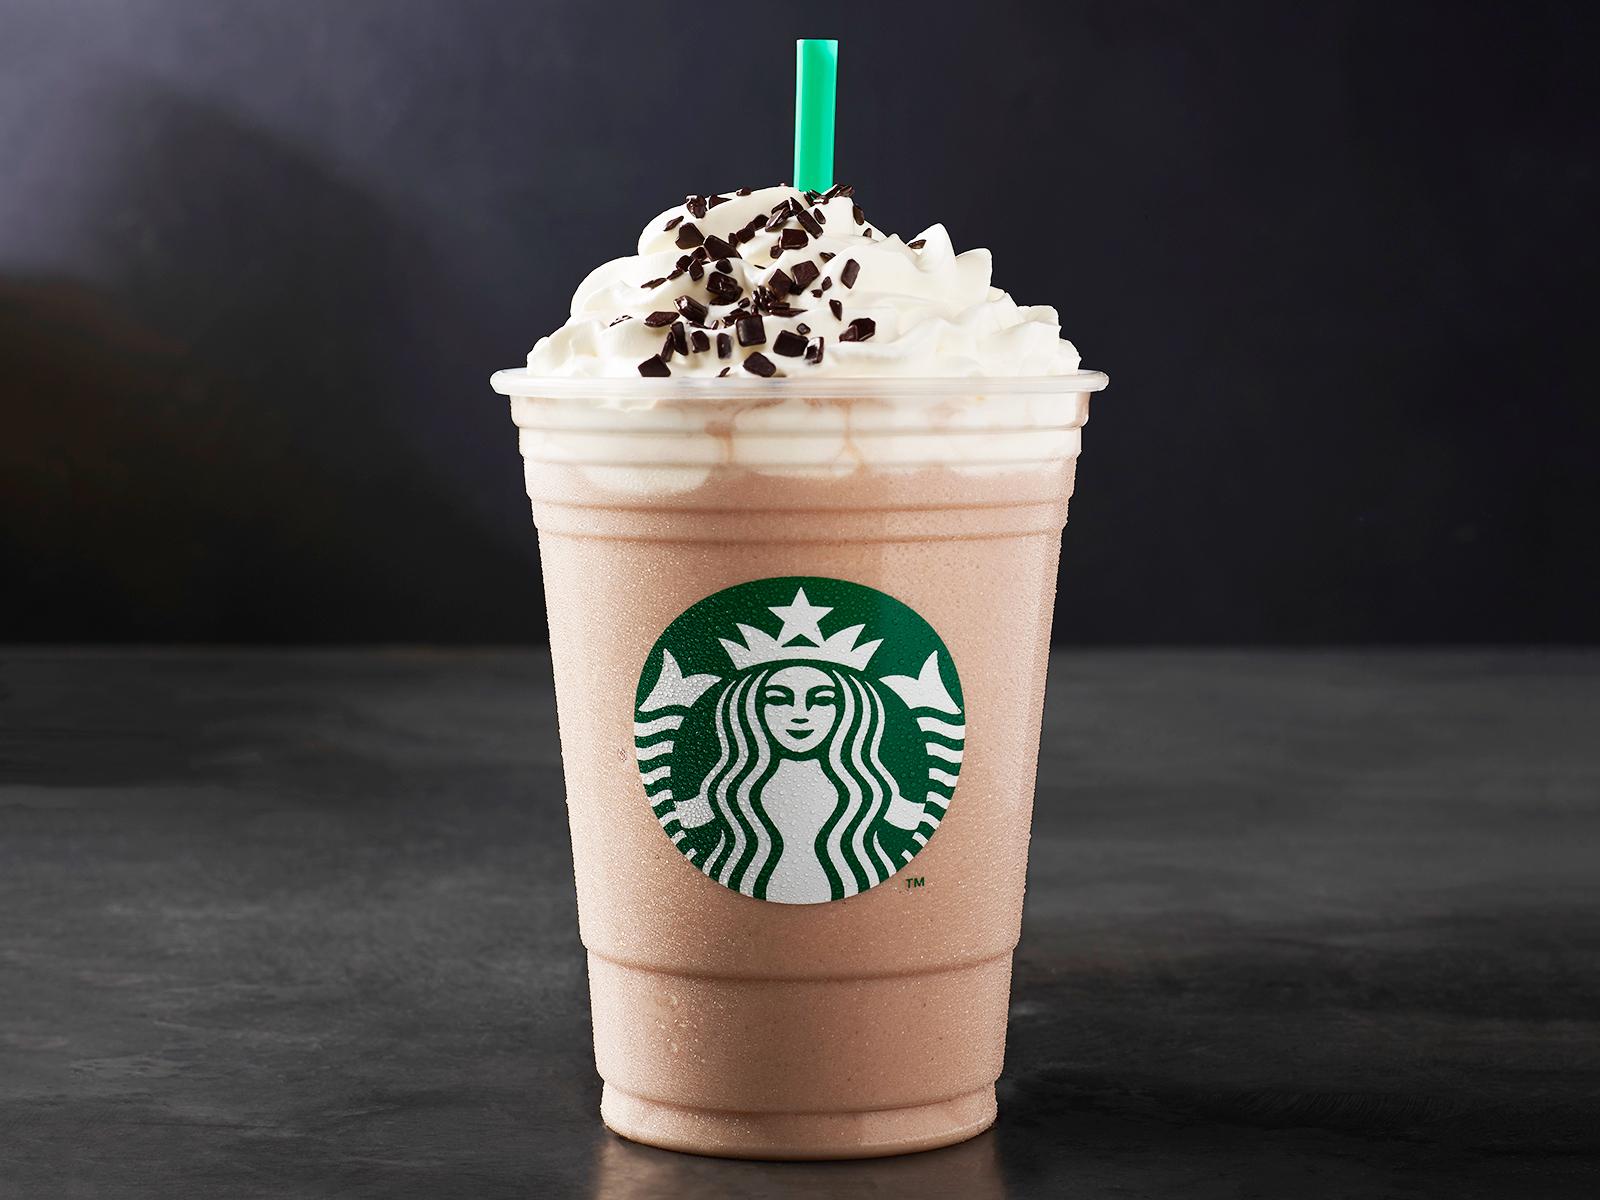 Starbucks compra Bakkt per integrare i pagamenti Bitcoin nei negozi - Starbucks compra Bakkt per integrare i pagamenti Bitcoin nei negozi